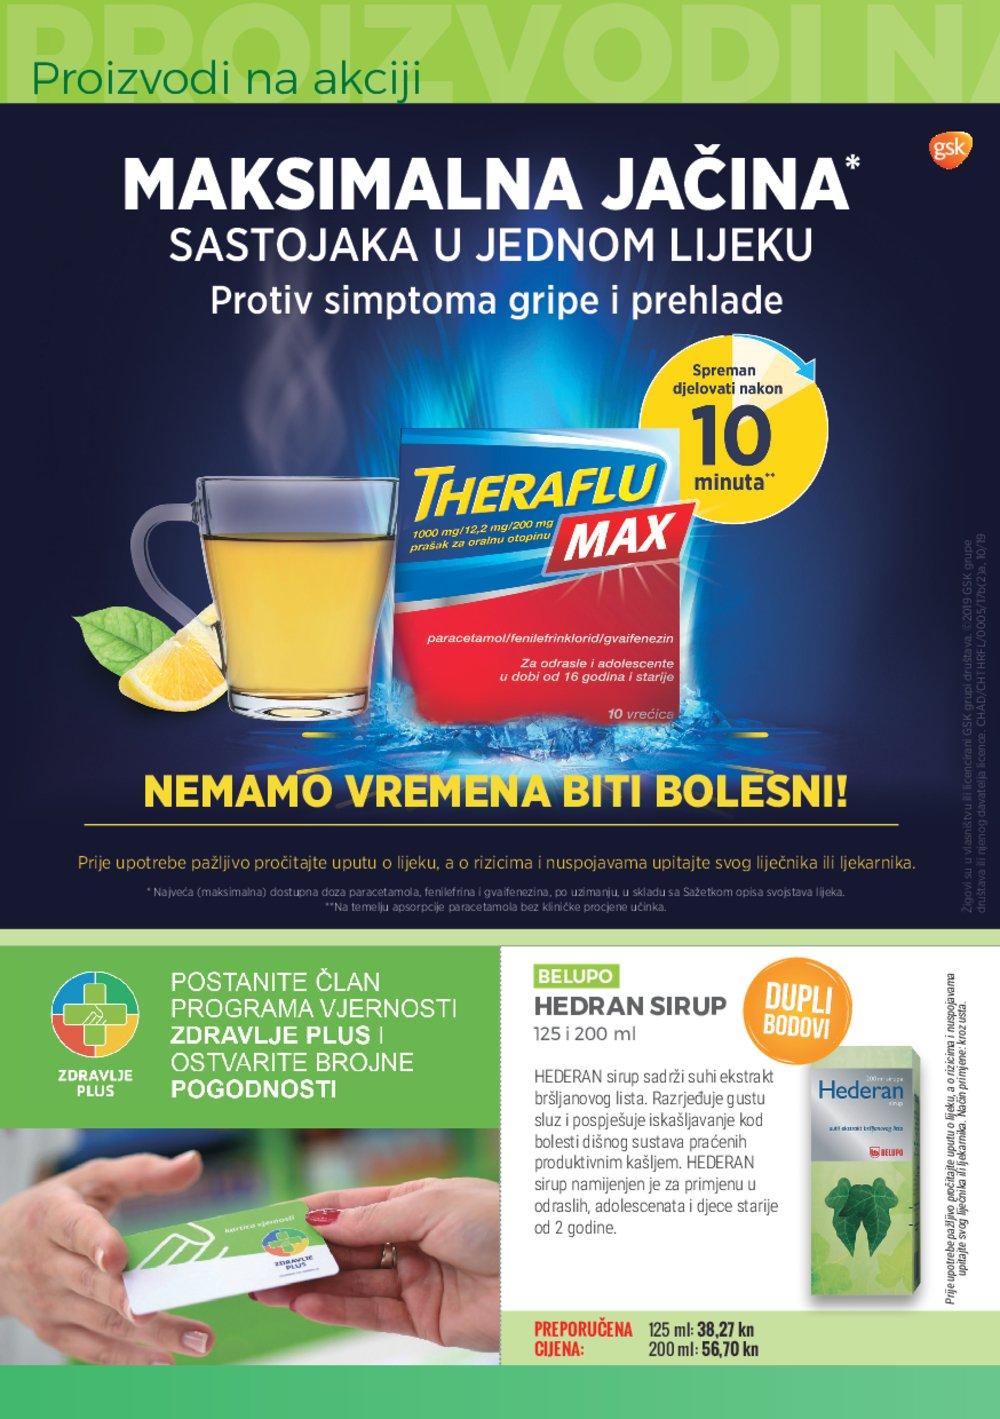 Zdravlje plus katalog Akcija 01.11.-30.11.2019.